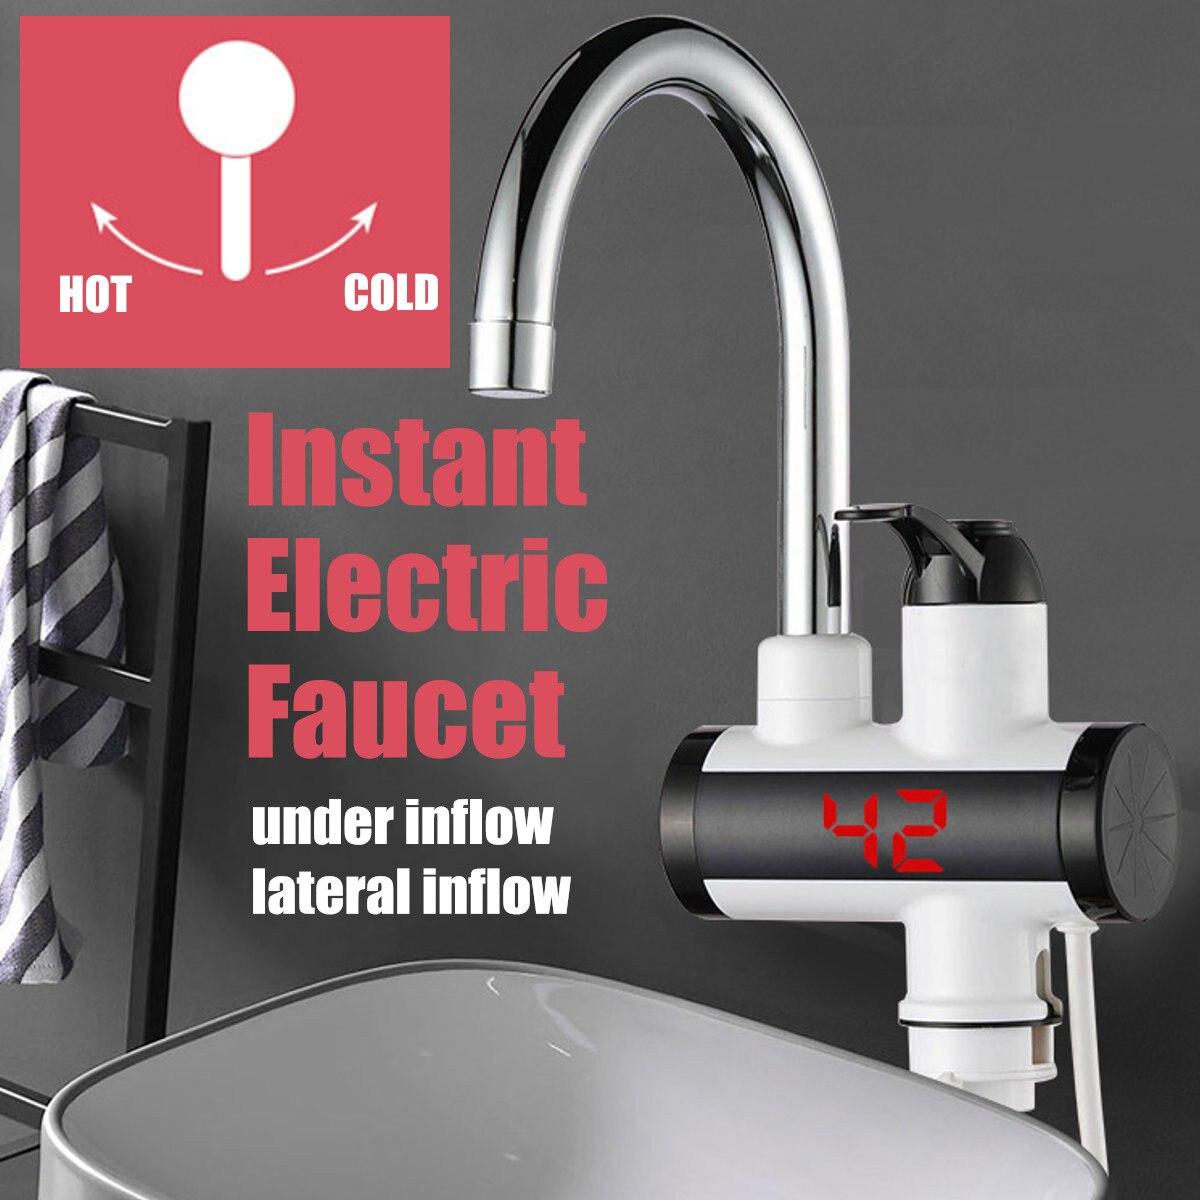 Großgeräte Einfach Home Instant Elektrische Wasserhahn Tap Heißer Wasser Heizung 220 V 3000 W Led-anzeige Bad Küche Unter Zufluss/seitlichen Zufluss Ipx4